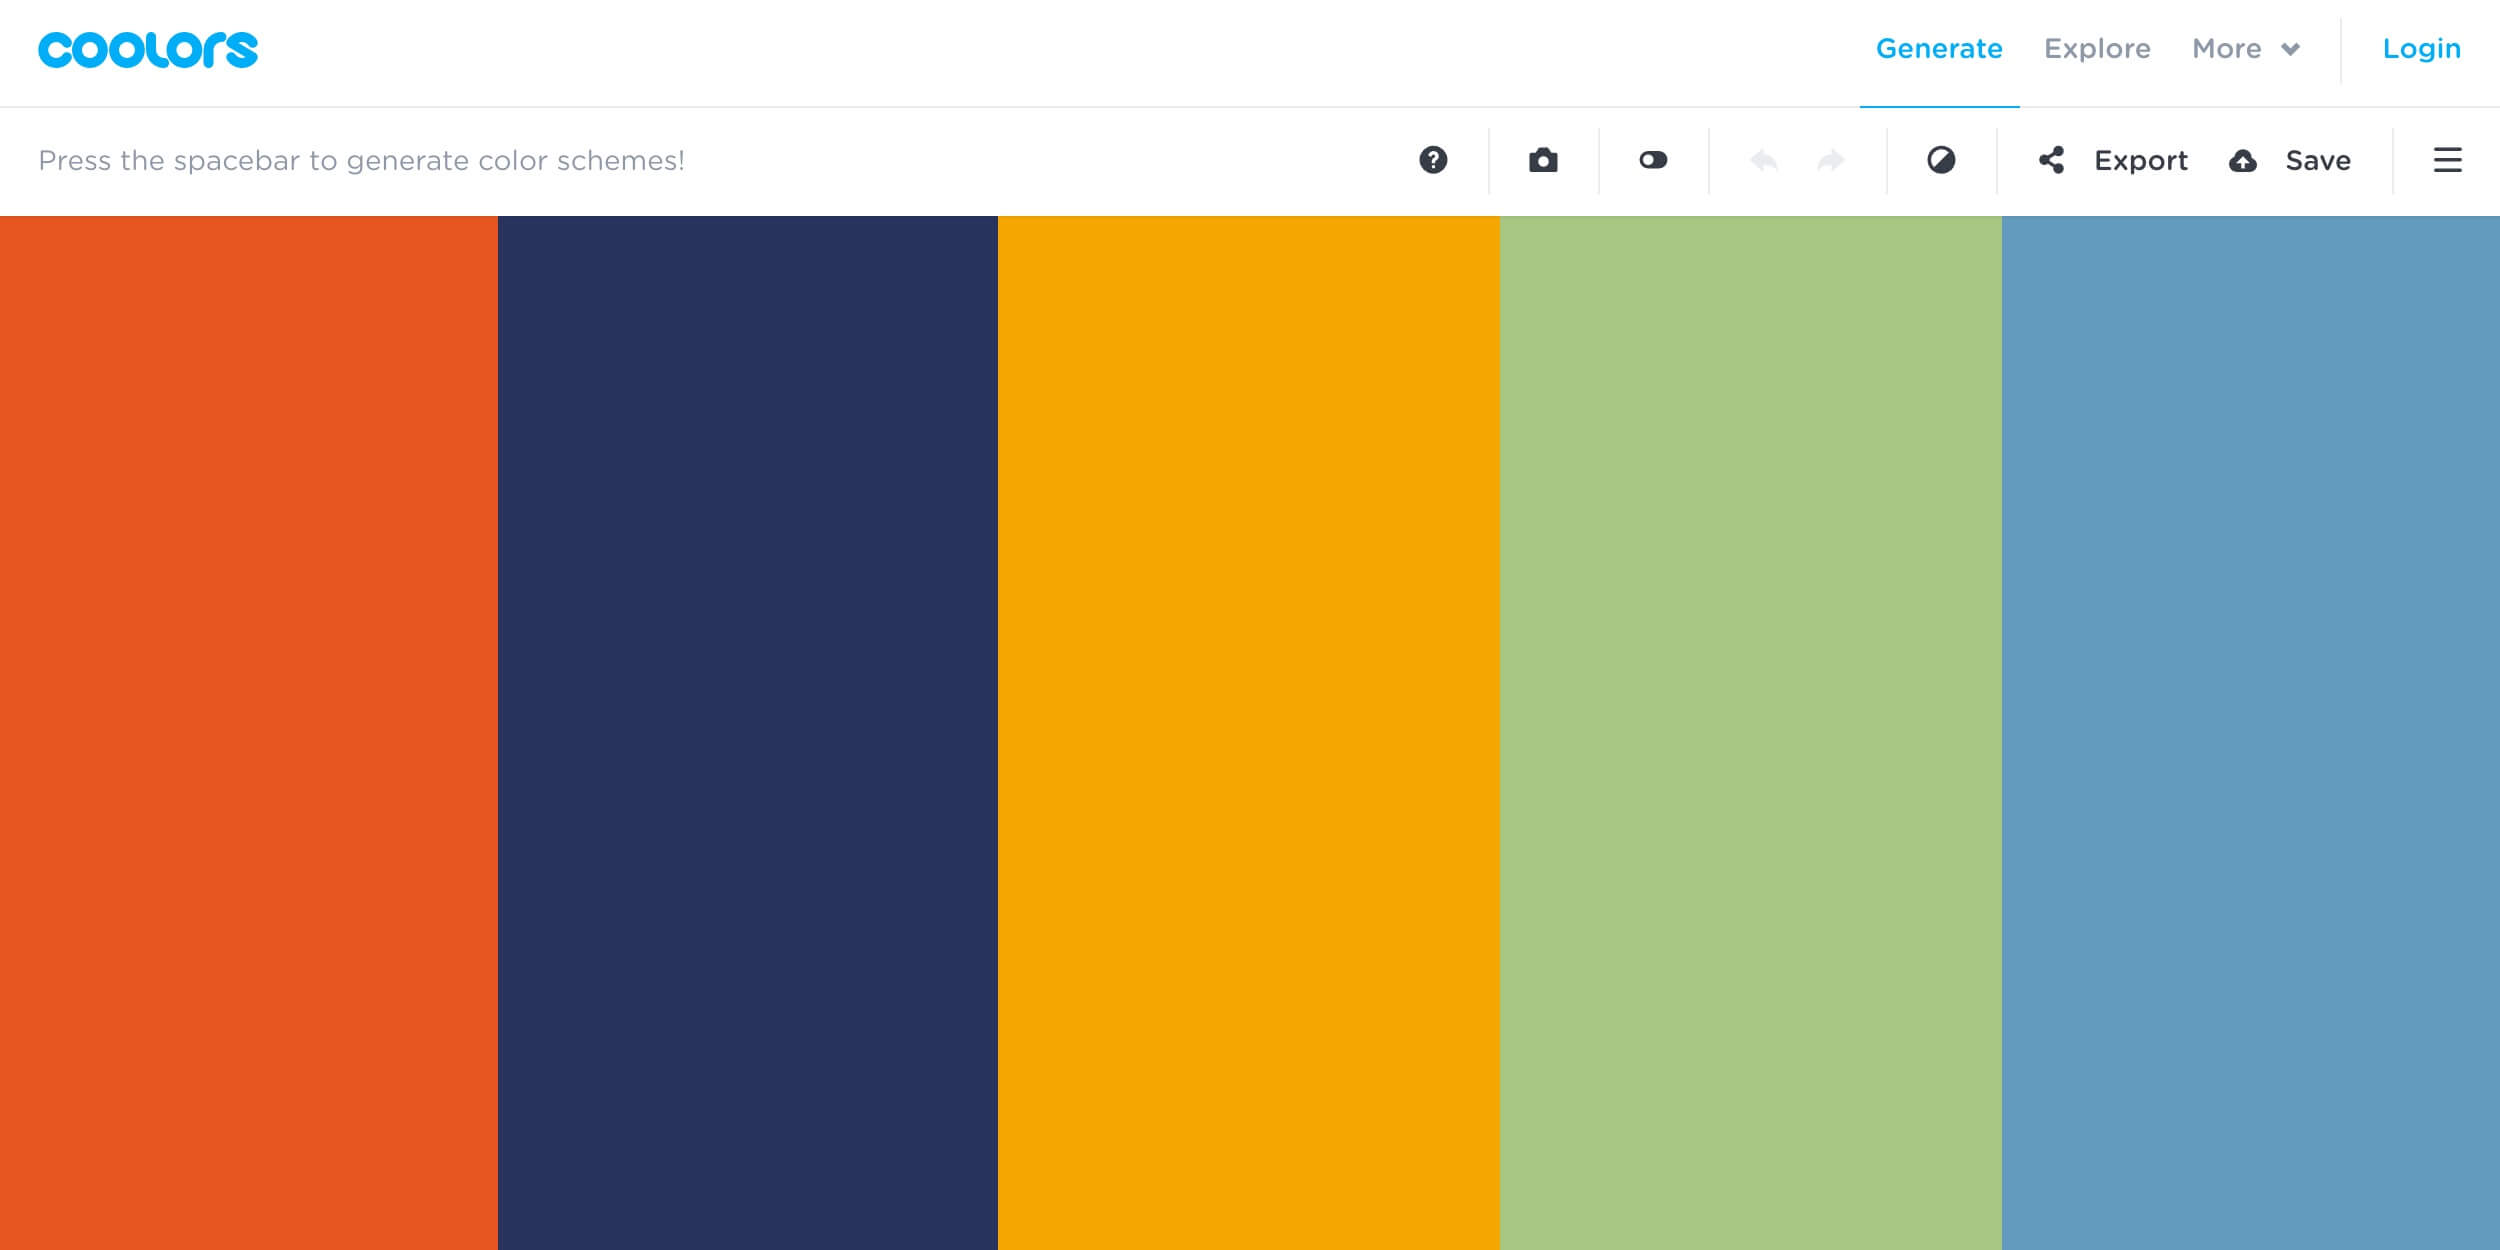 Coolors color scheme generator